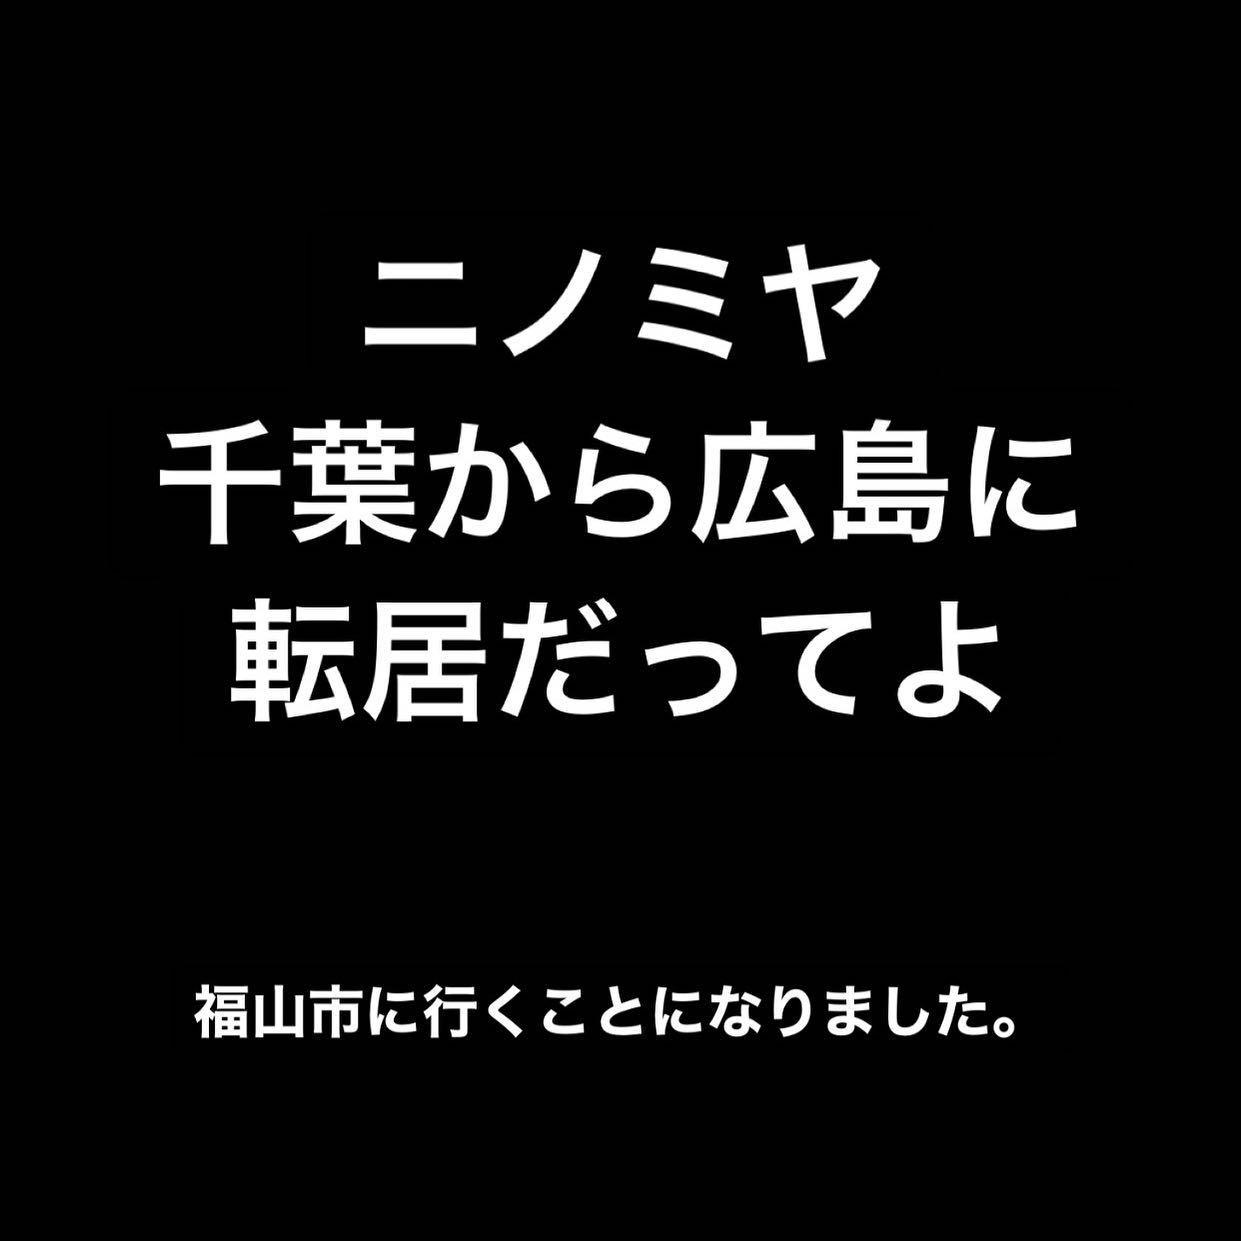 【転居に伴う長期休業のお知らせ】_b0117564_10200196.jpg